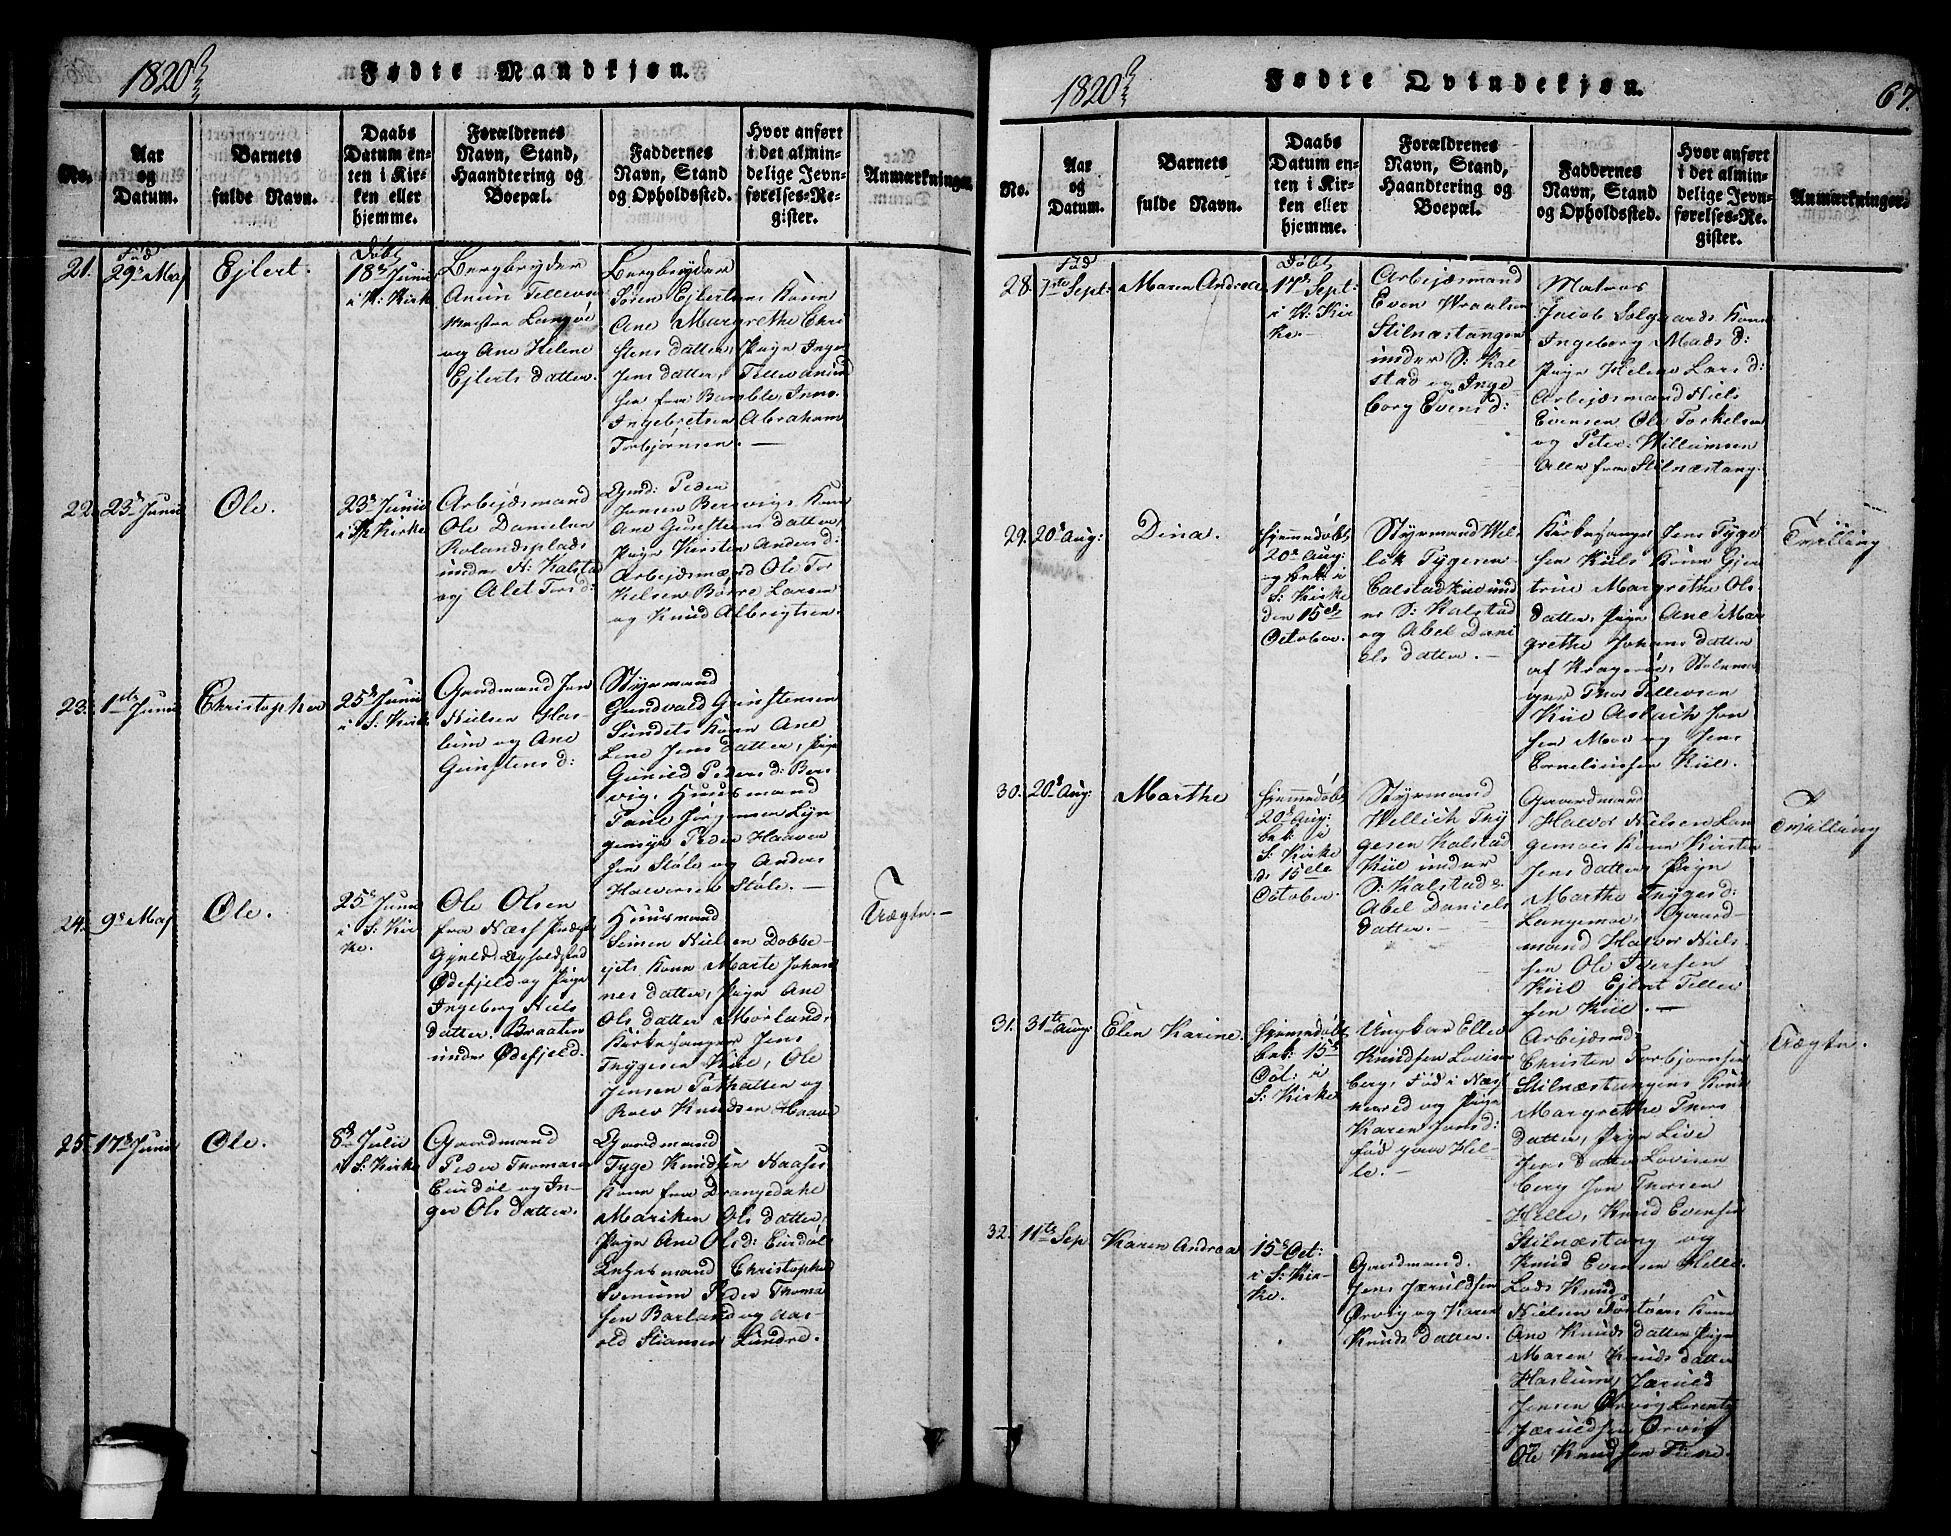 SAKO, Sannidal kirkebøker, F/Fa/L0004: Ministerialbok nr. 4, 1814-1829, s. 67